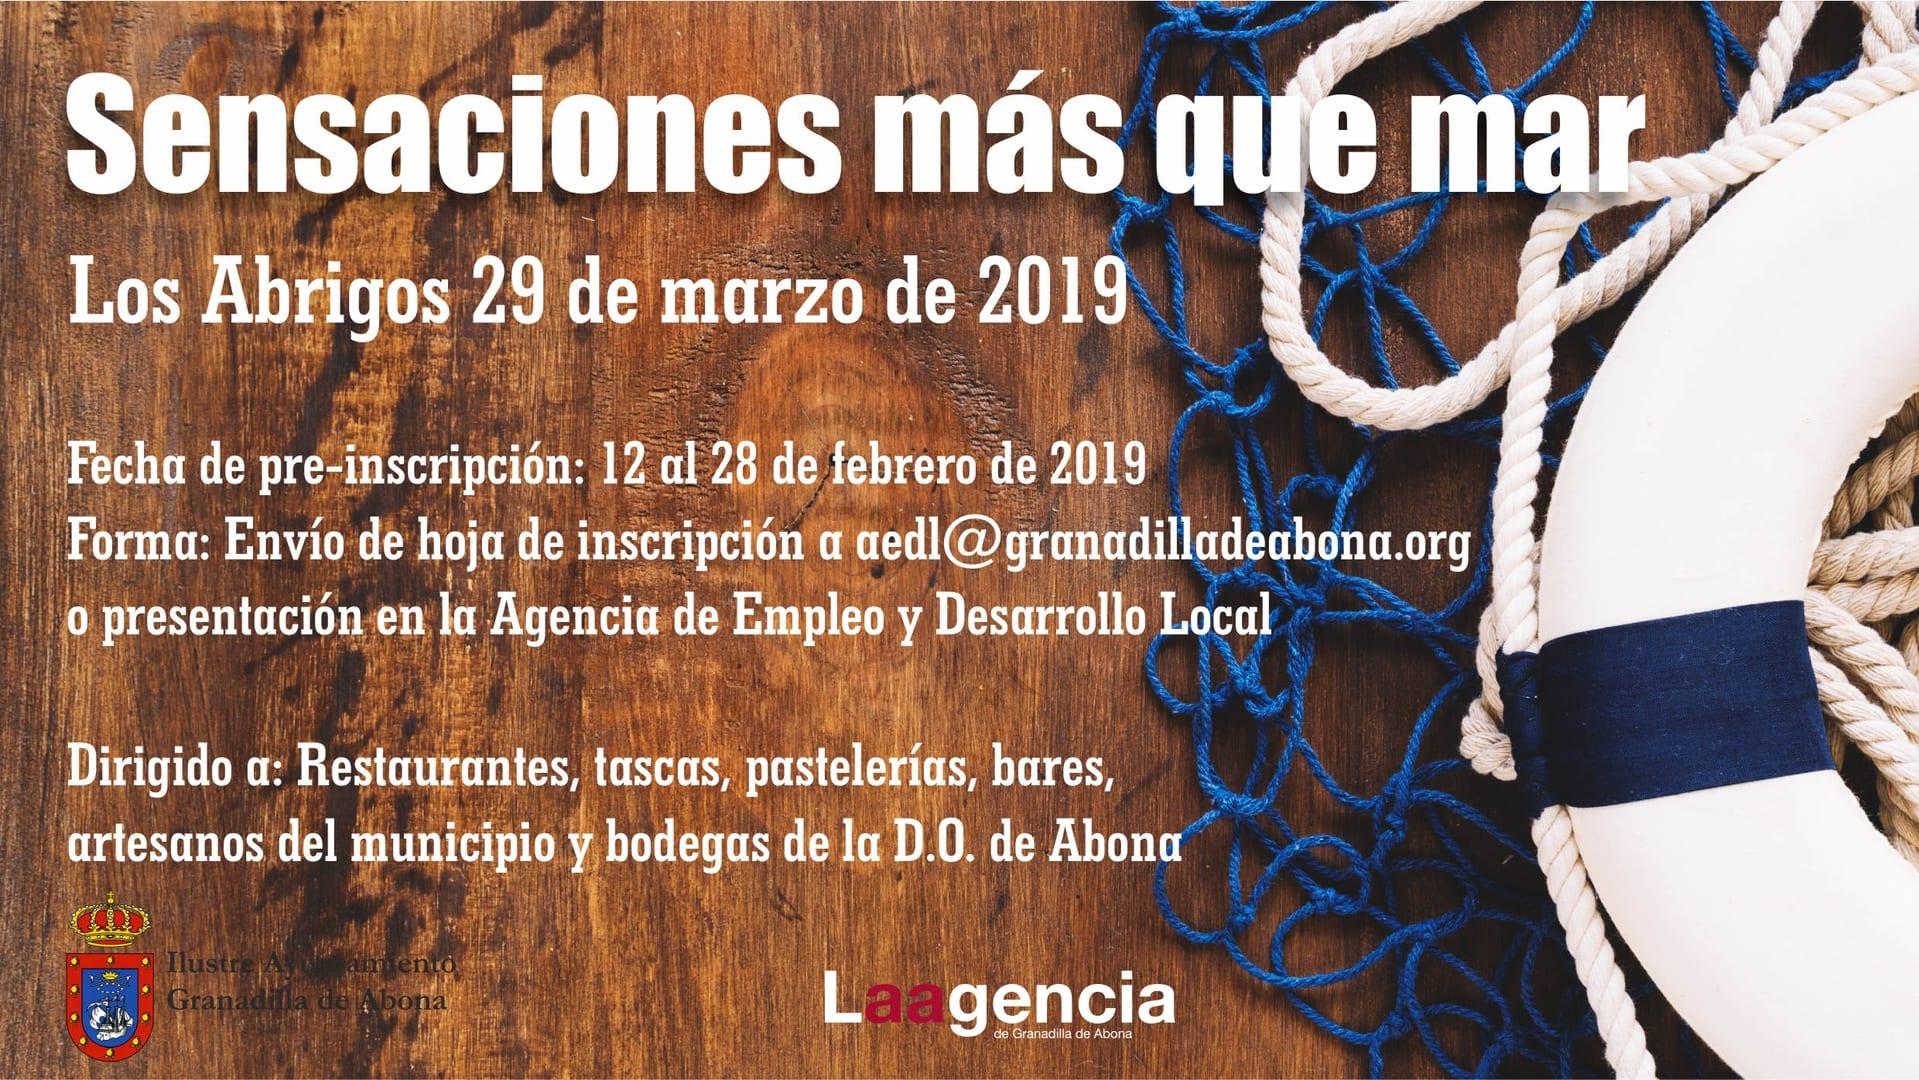 El plazo para preinscribirse al evento enogastronómico 'Sensaciones más que Mar' finaliza este jueves 28 de febrero